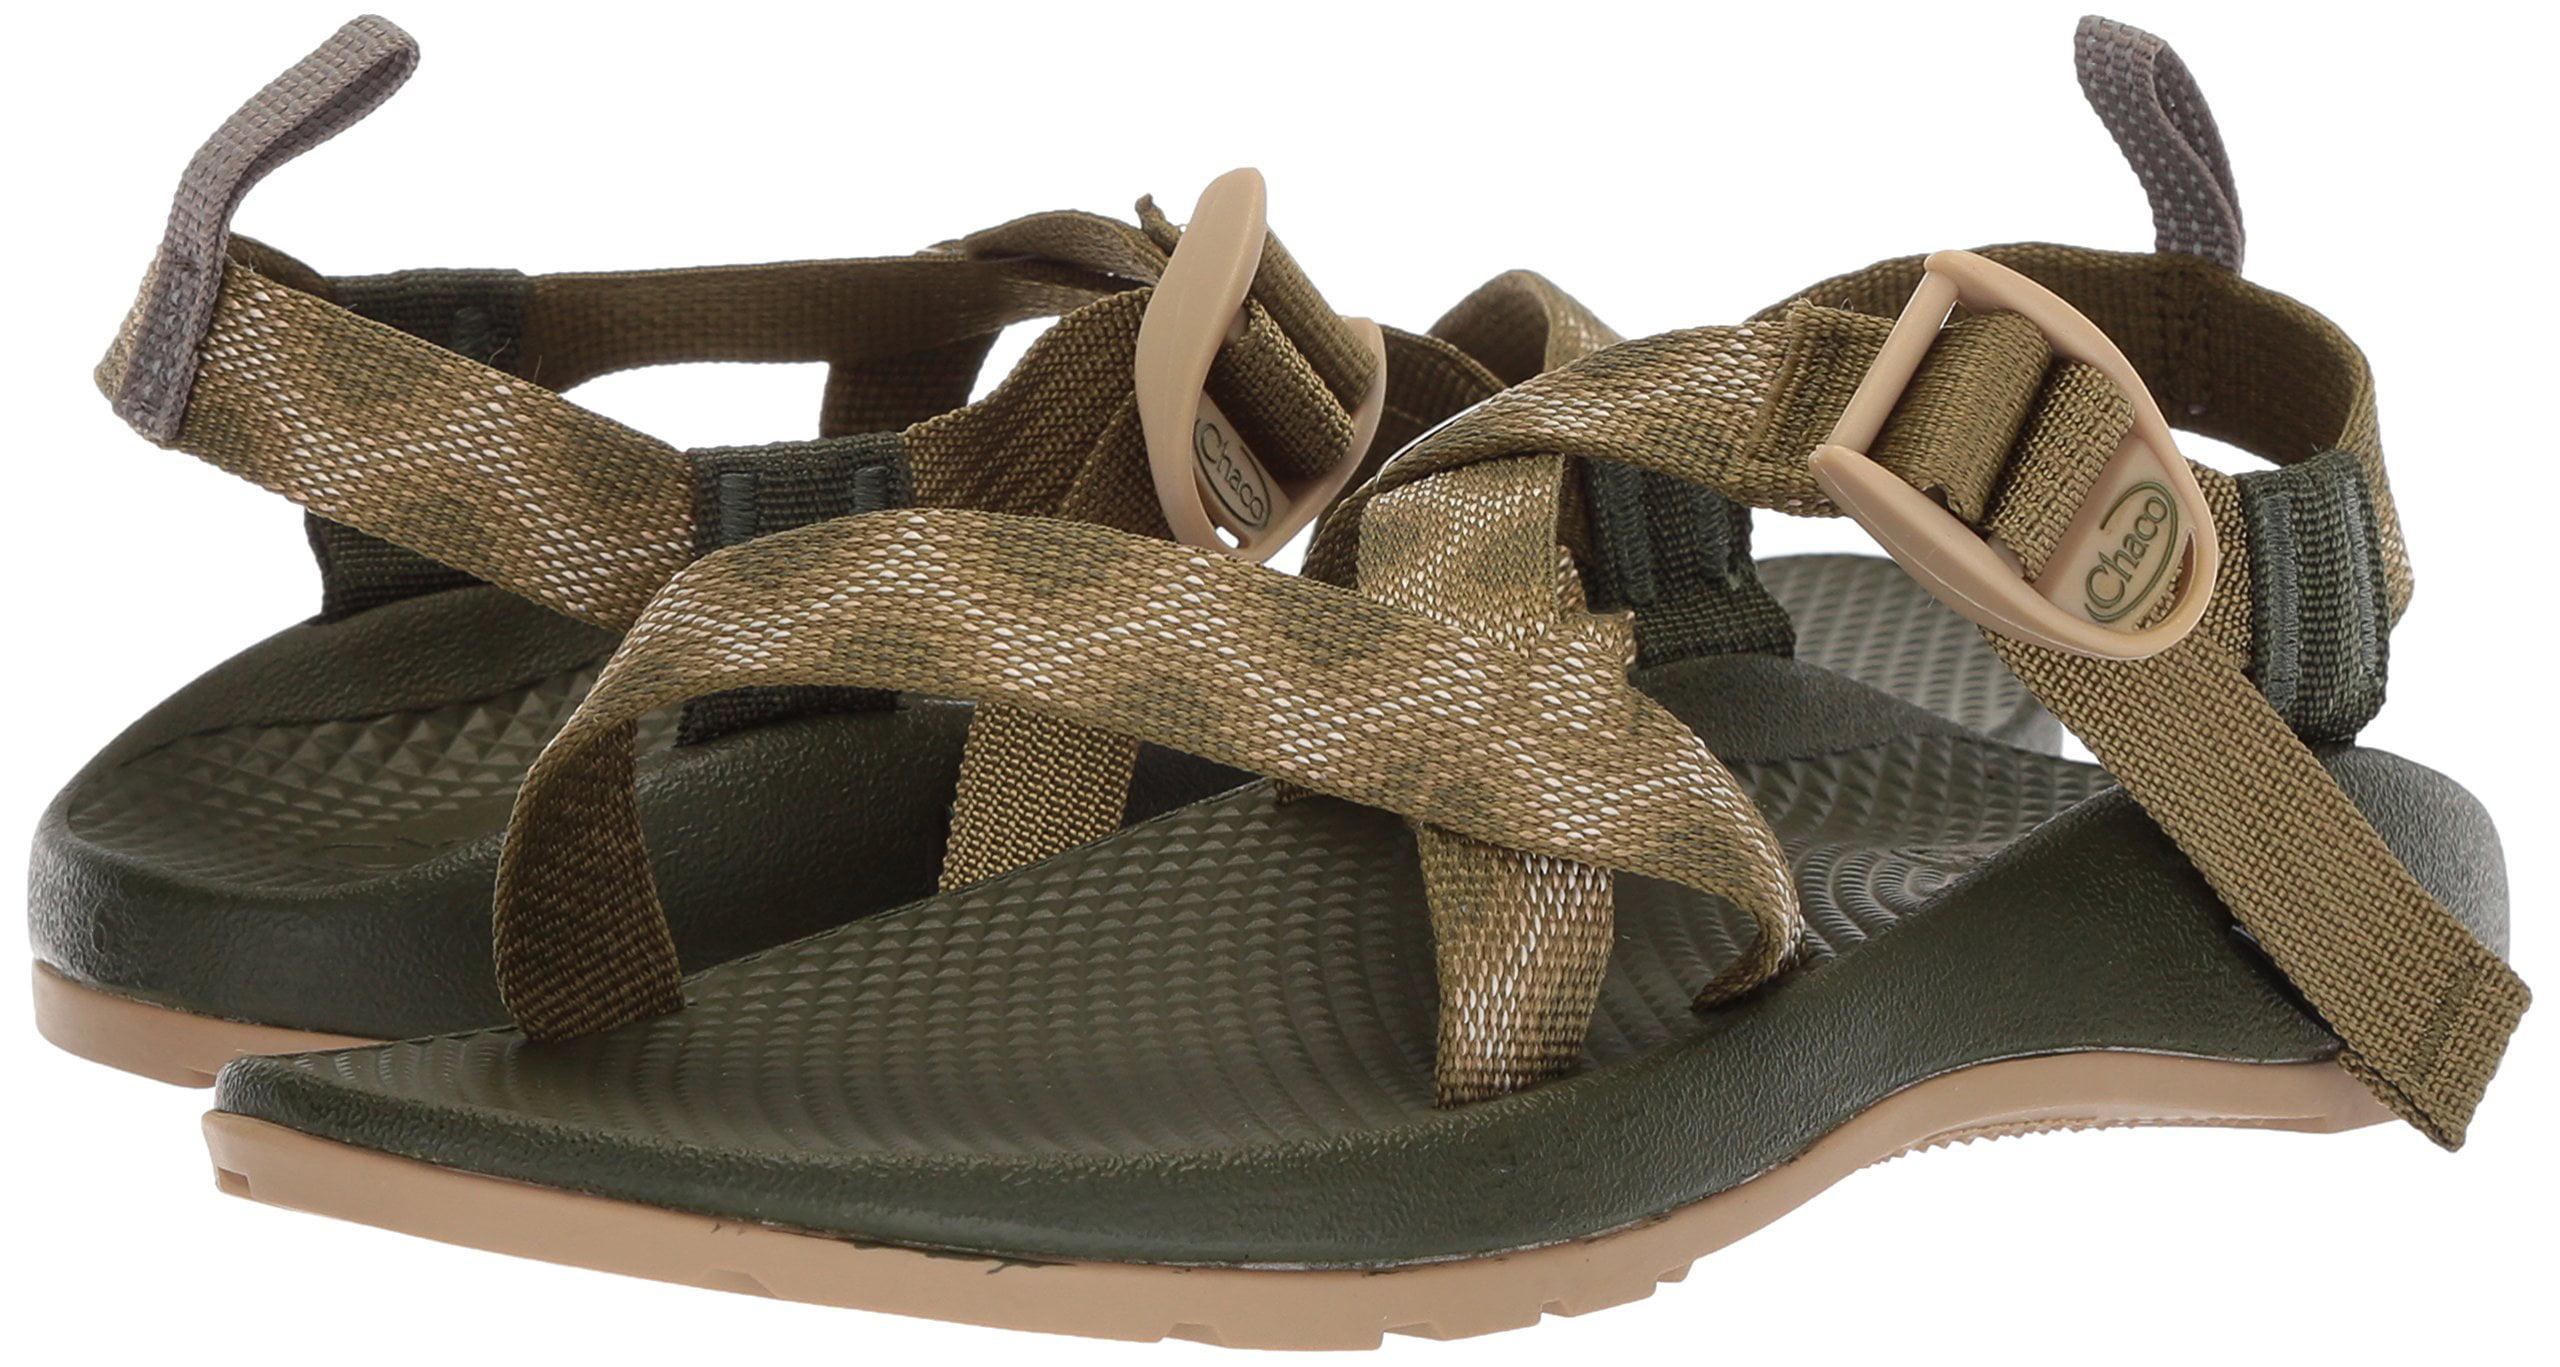 Boys/' Z1 Vortex Avocado Ecotread Walking Sandals Chaco J180059